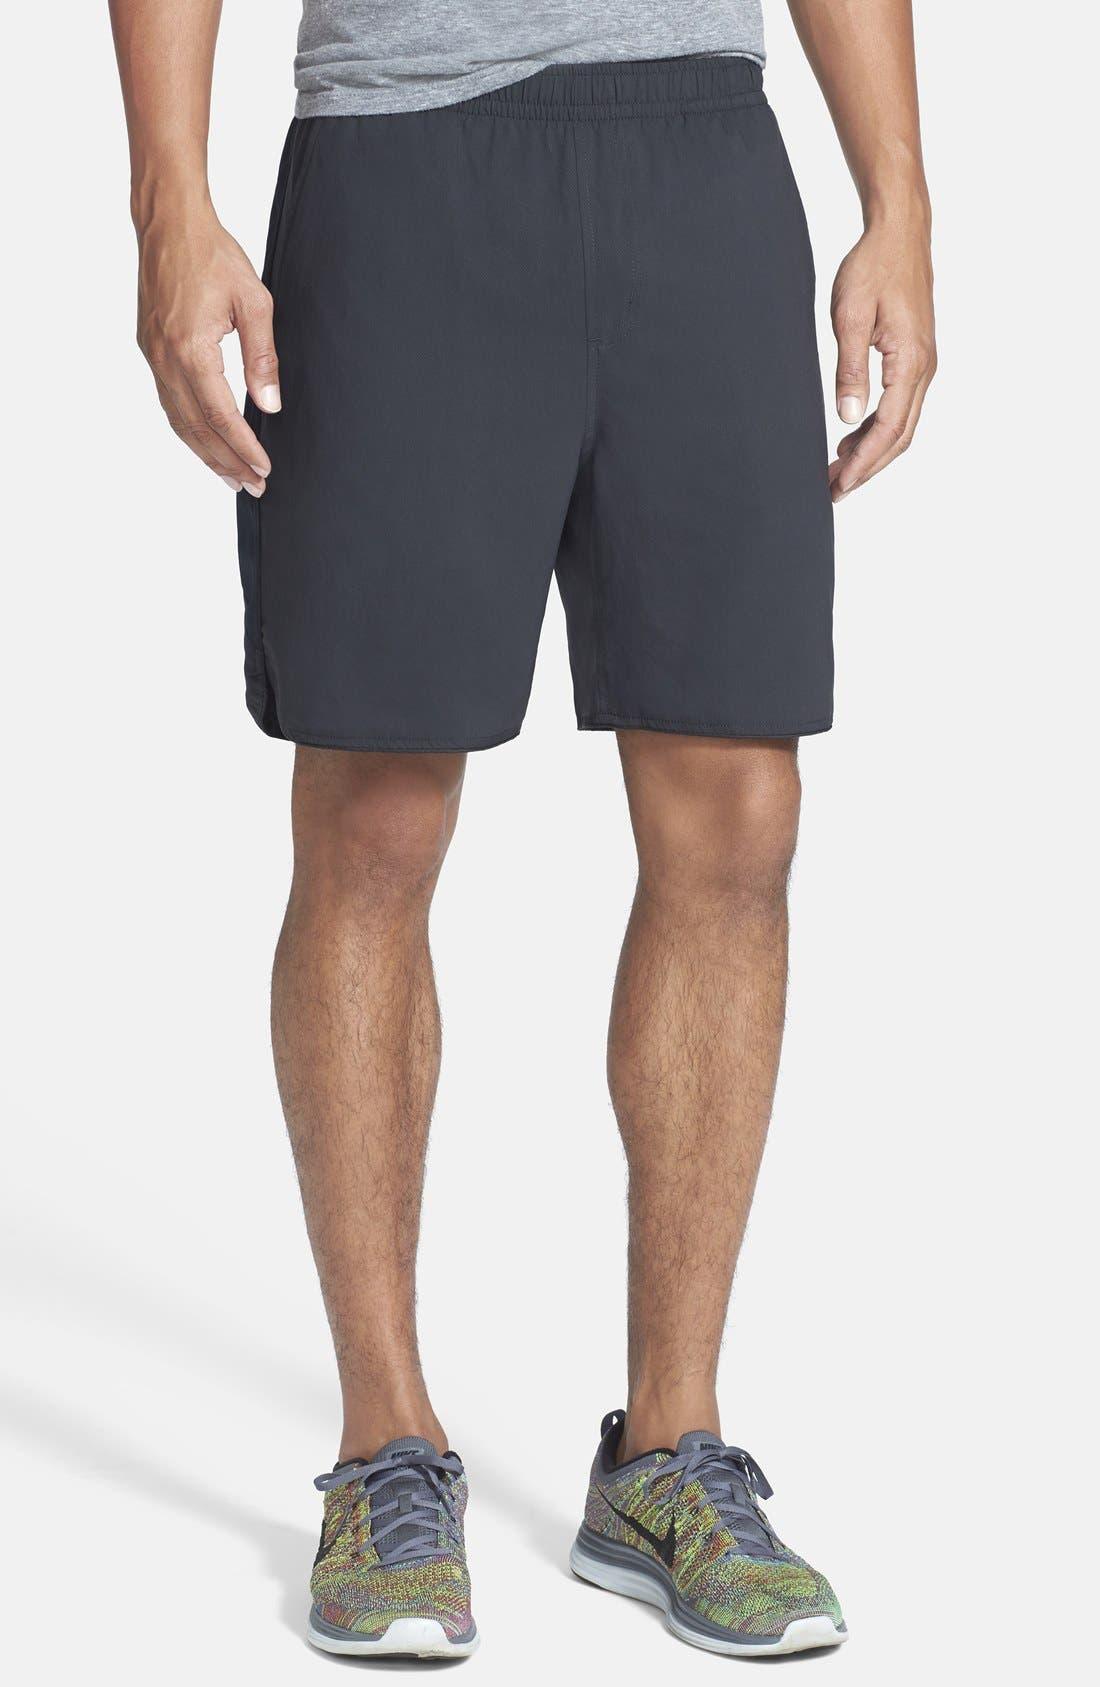 'Yogger' Shorts,                             Main thumbnail 1, color,                             001